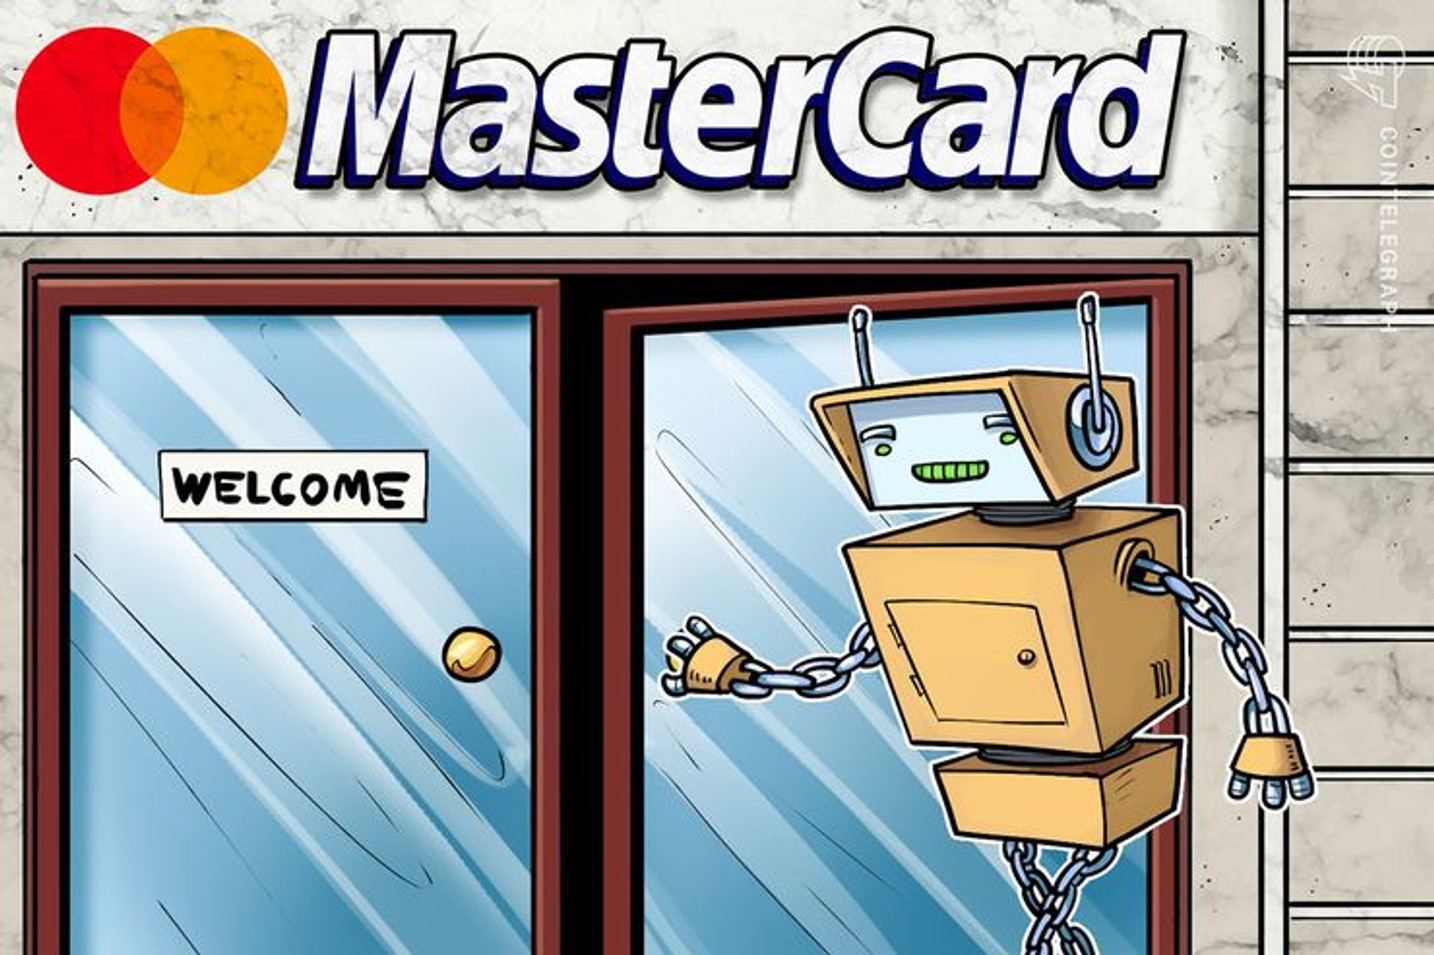 Mastercard y la fintech Treezor anunciaron una alianza comercial y tecnológica en Europa